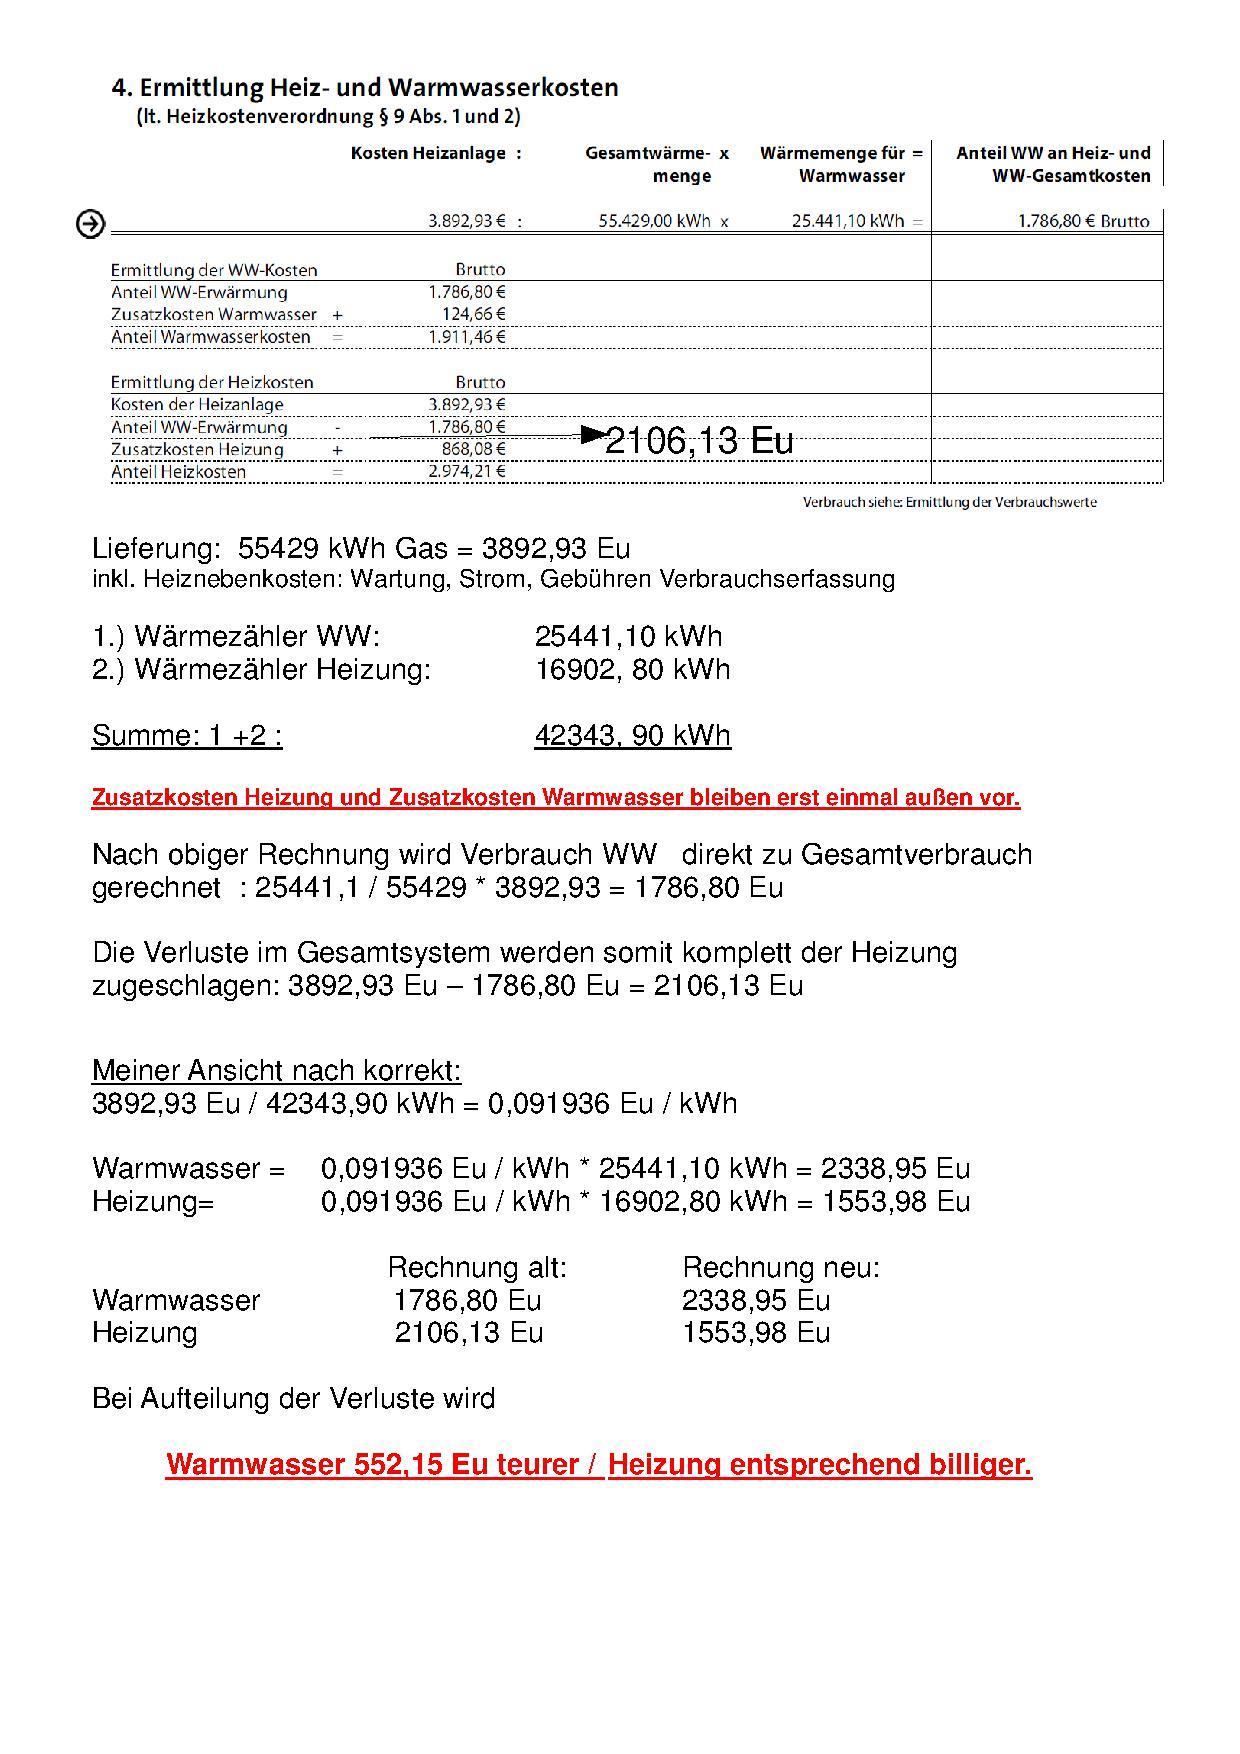 Abrechnung Wärmezähler Heizung/ Warmwasser - Haustechnikdialog